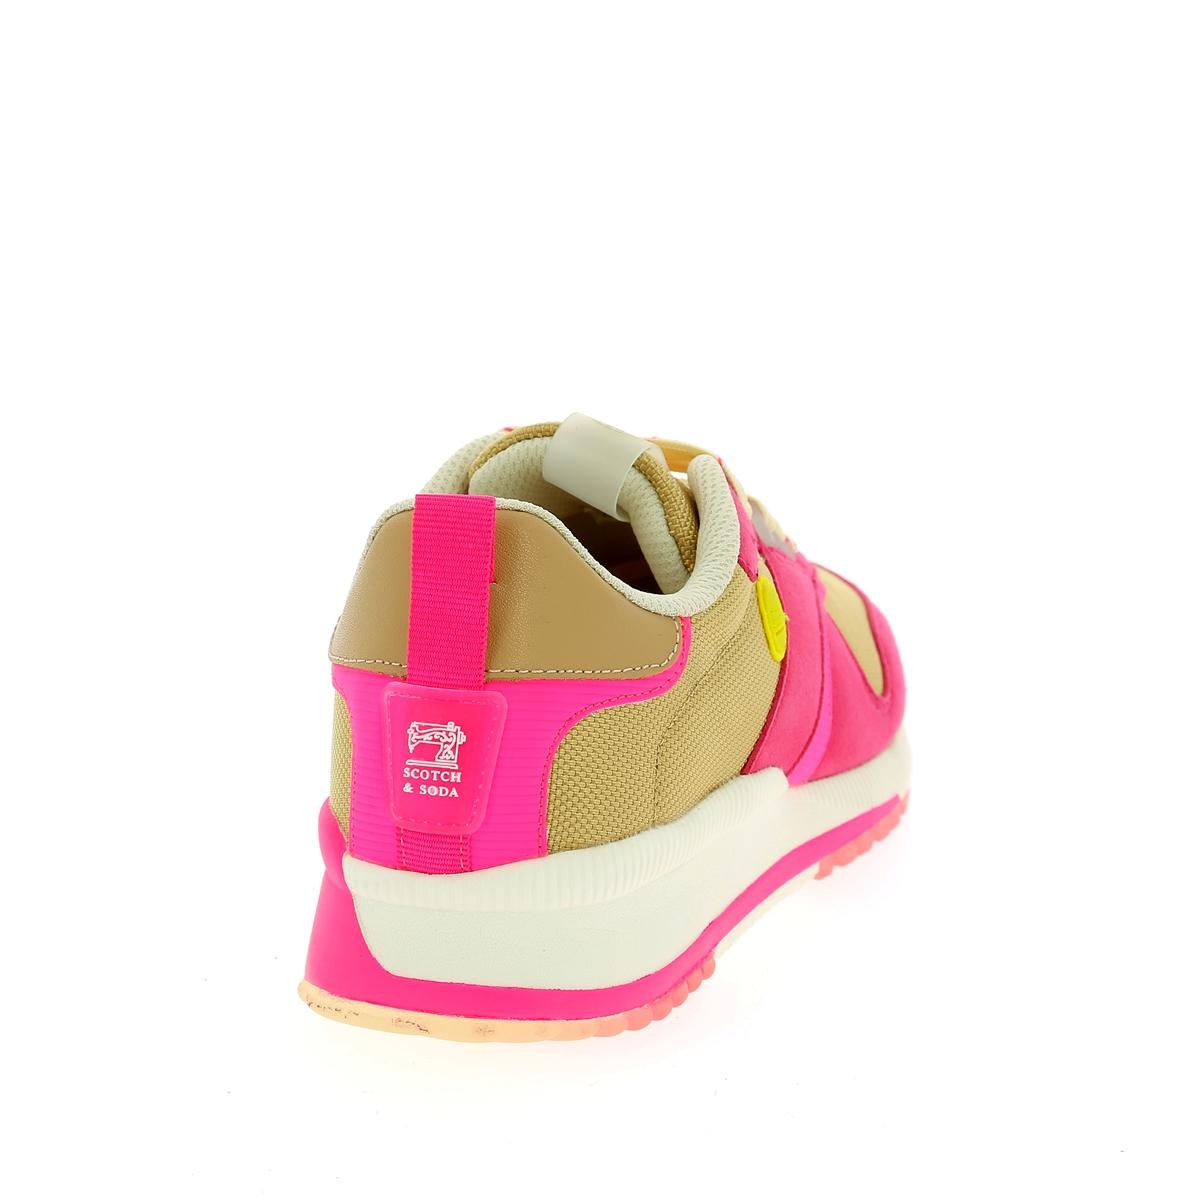 Scotch & Soda Sneakers roze